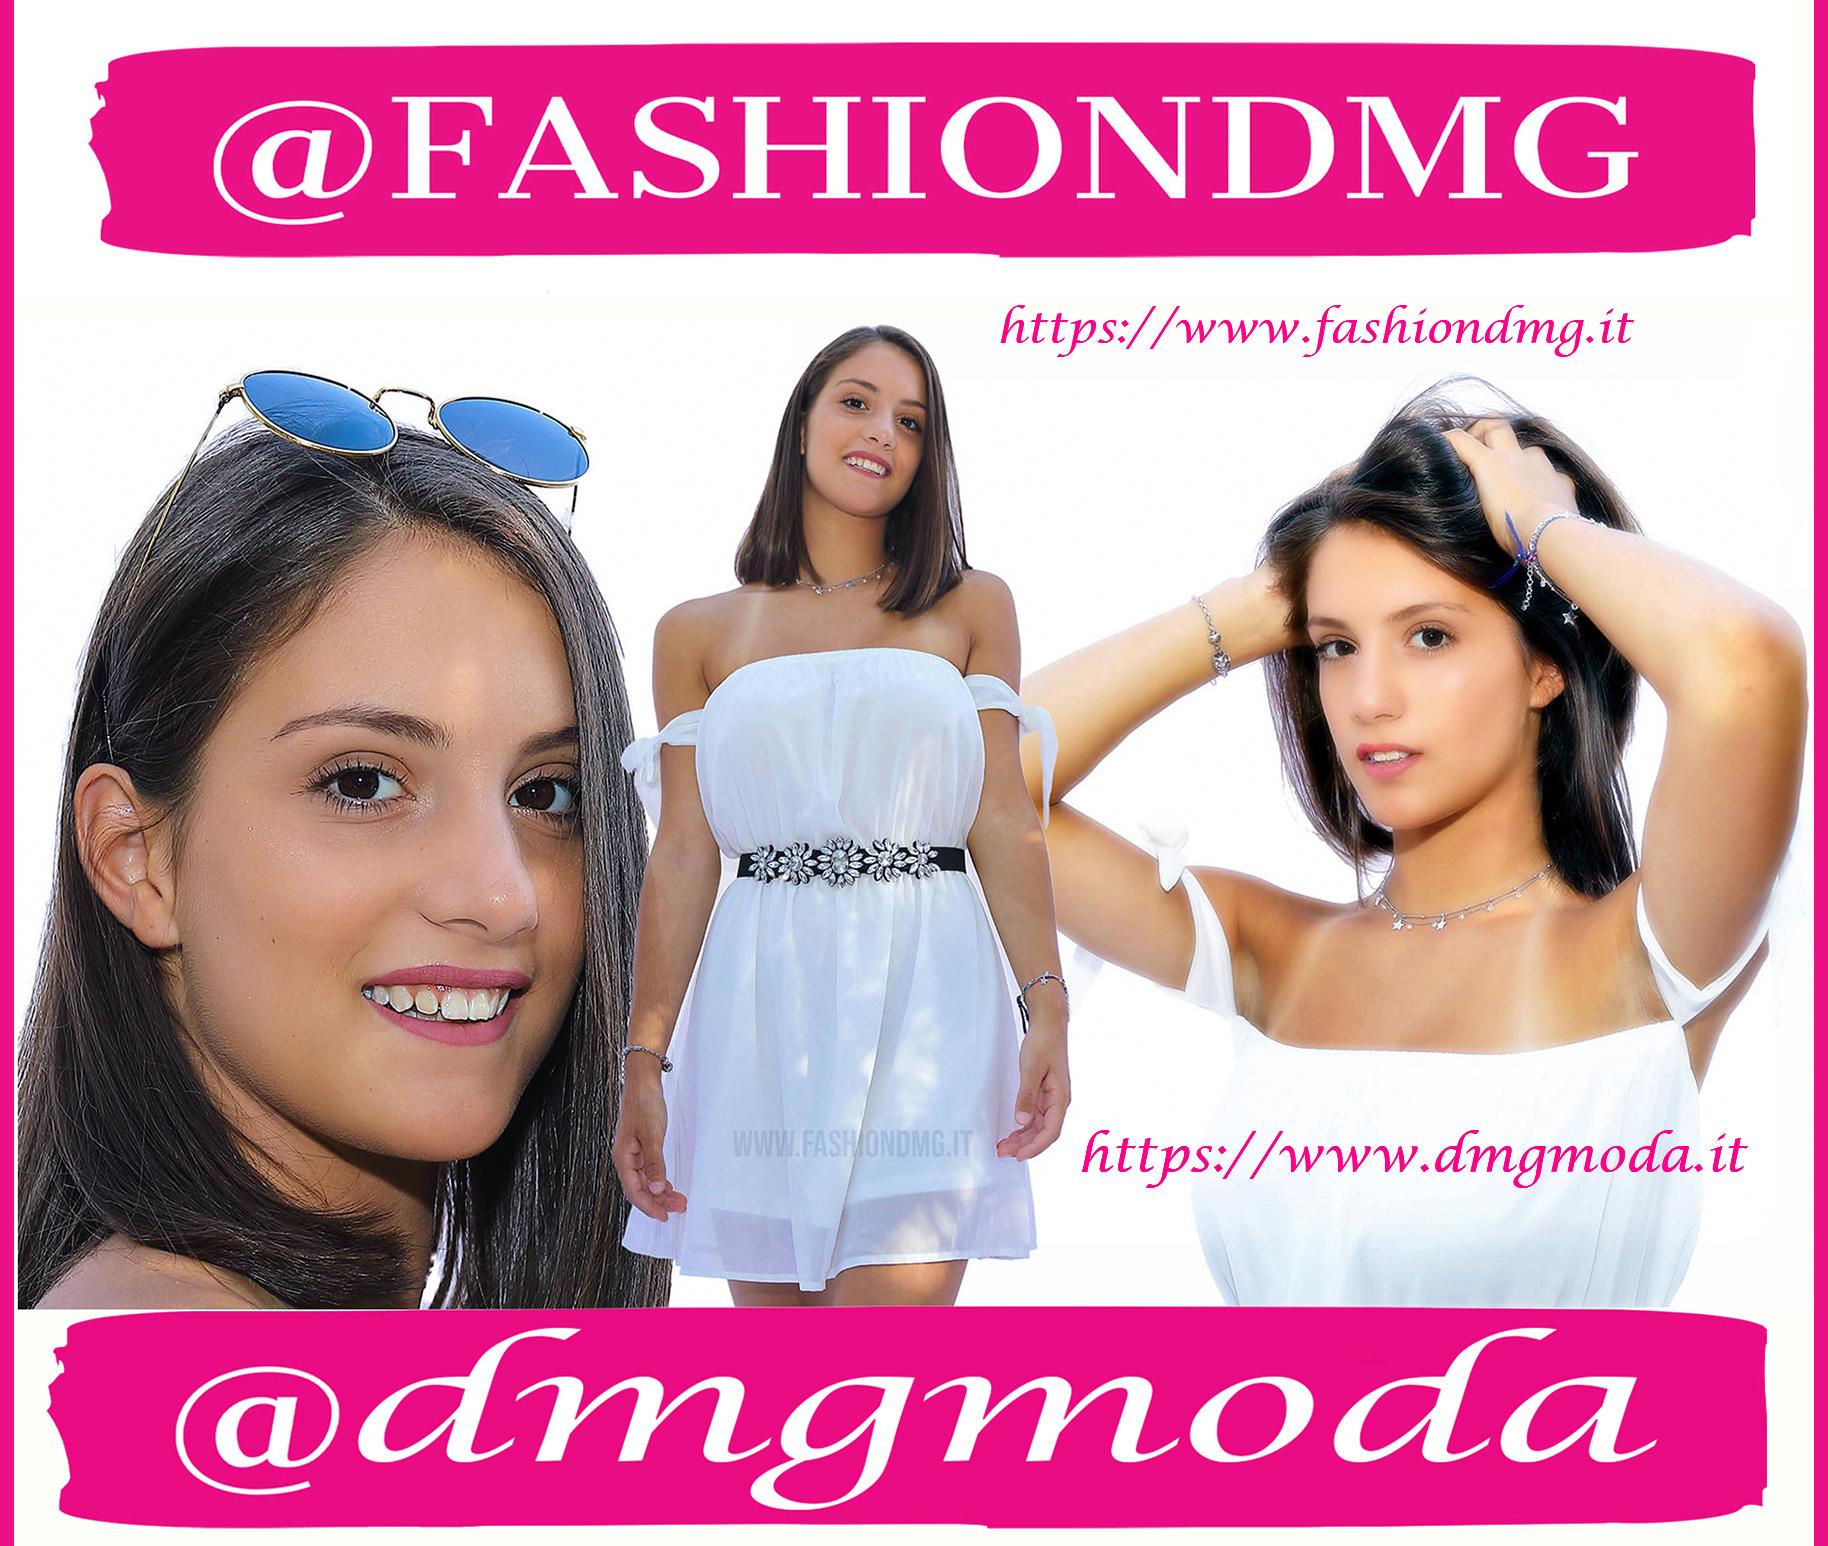 @dmgmoda